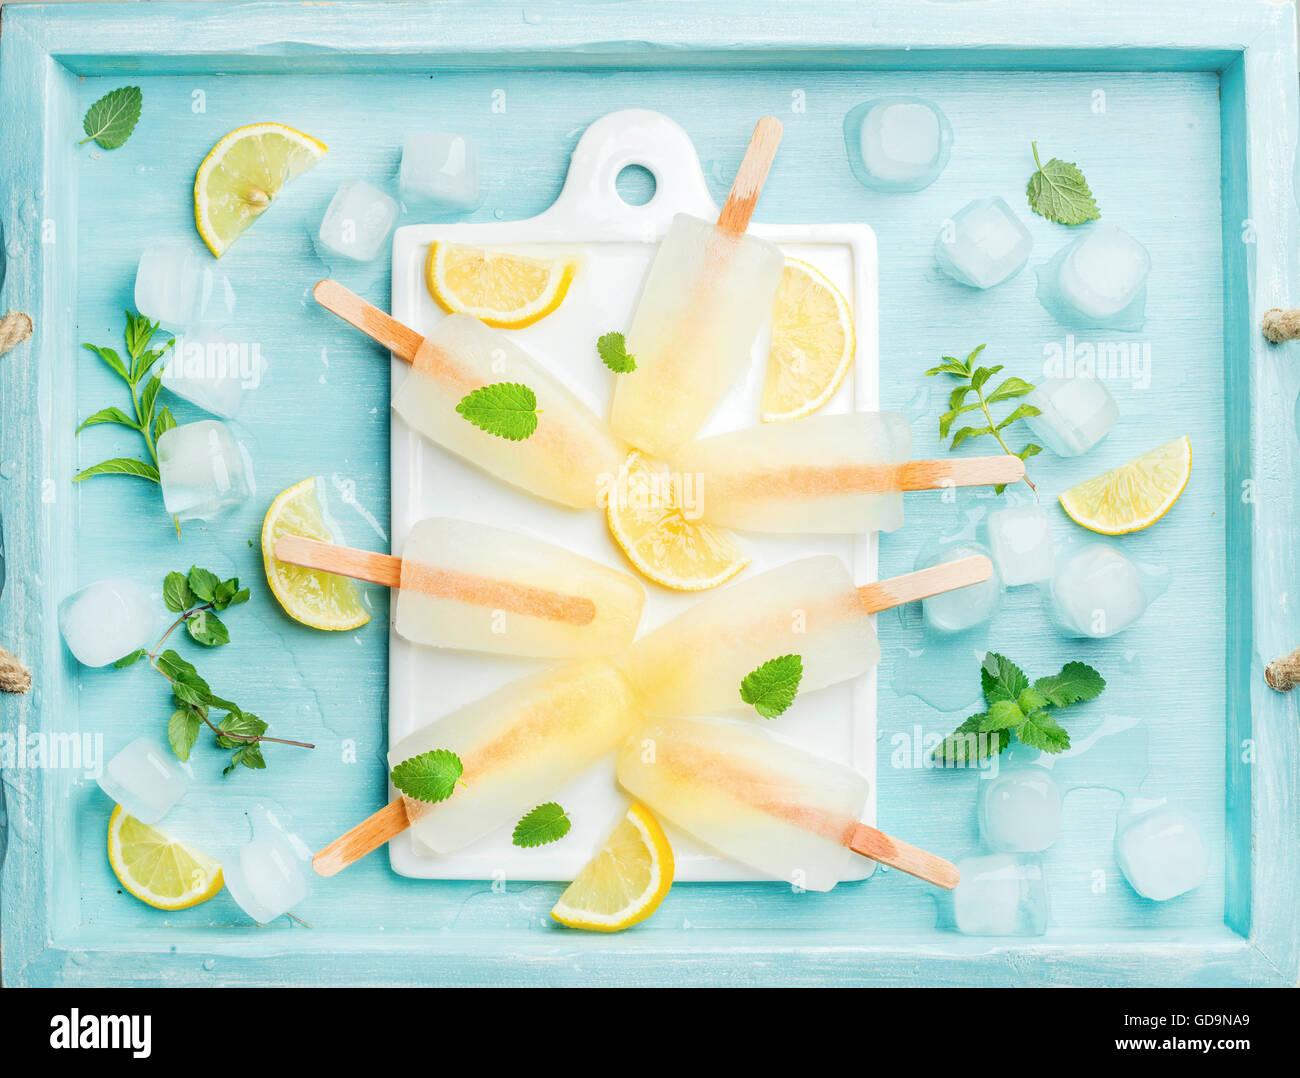 Zitrone Eis am Stiehl auf keramischen Tafel serviert mit Zitronenscheiben, Eiswürfel und Minzblätter in Stockbild